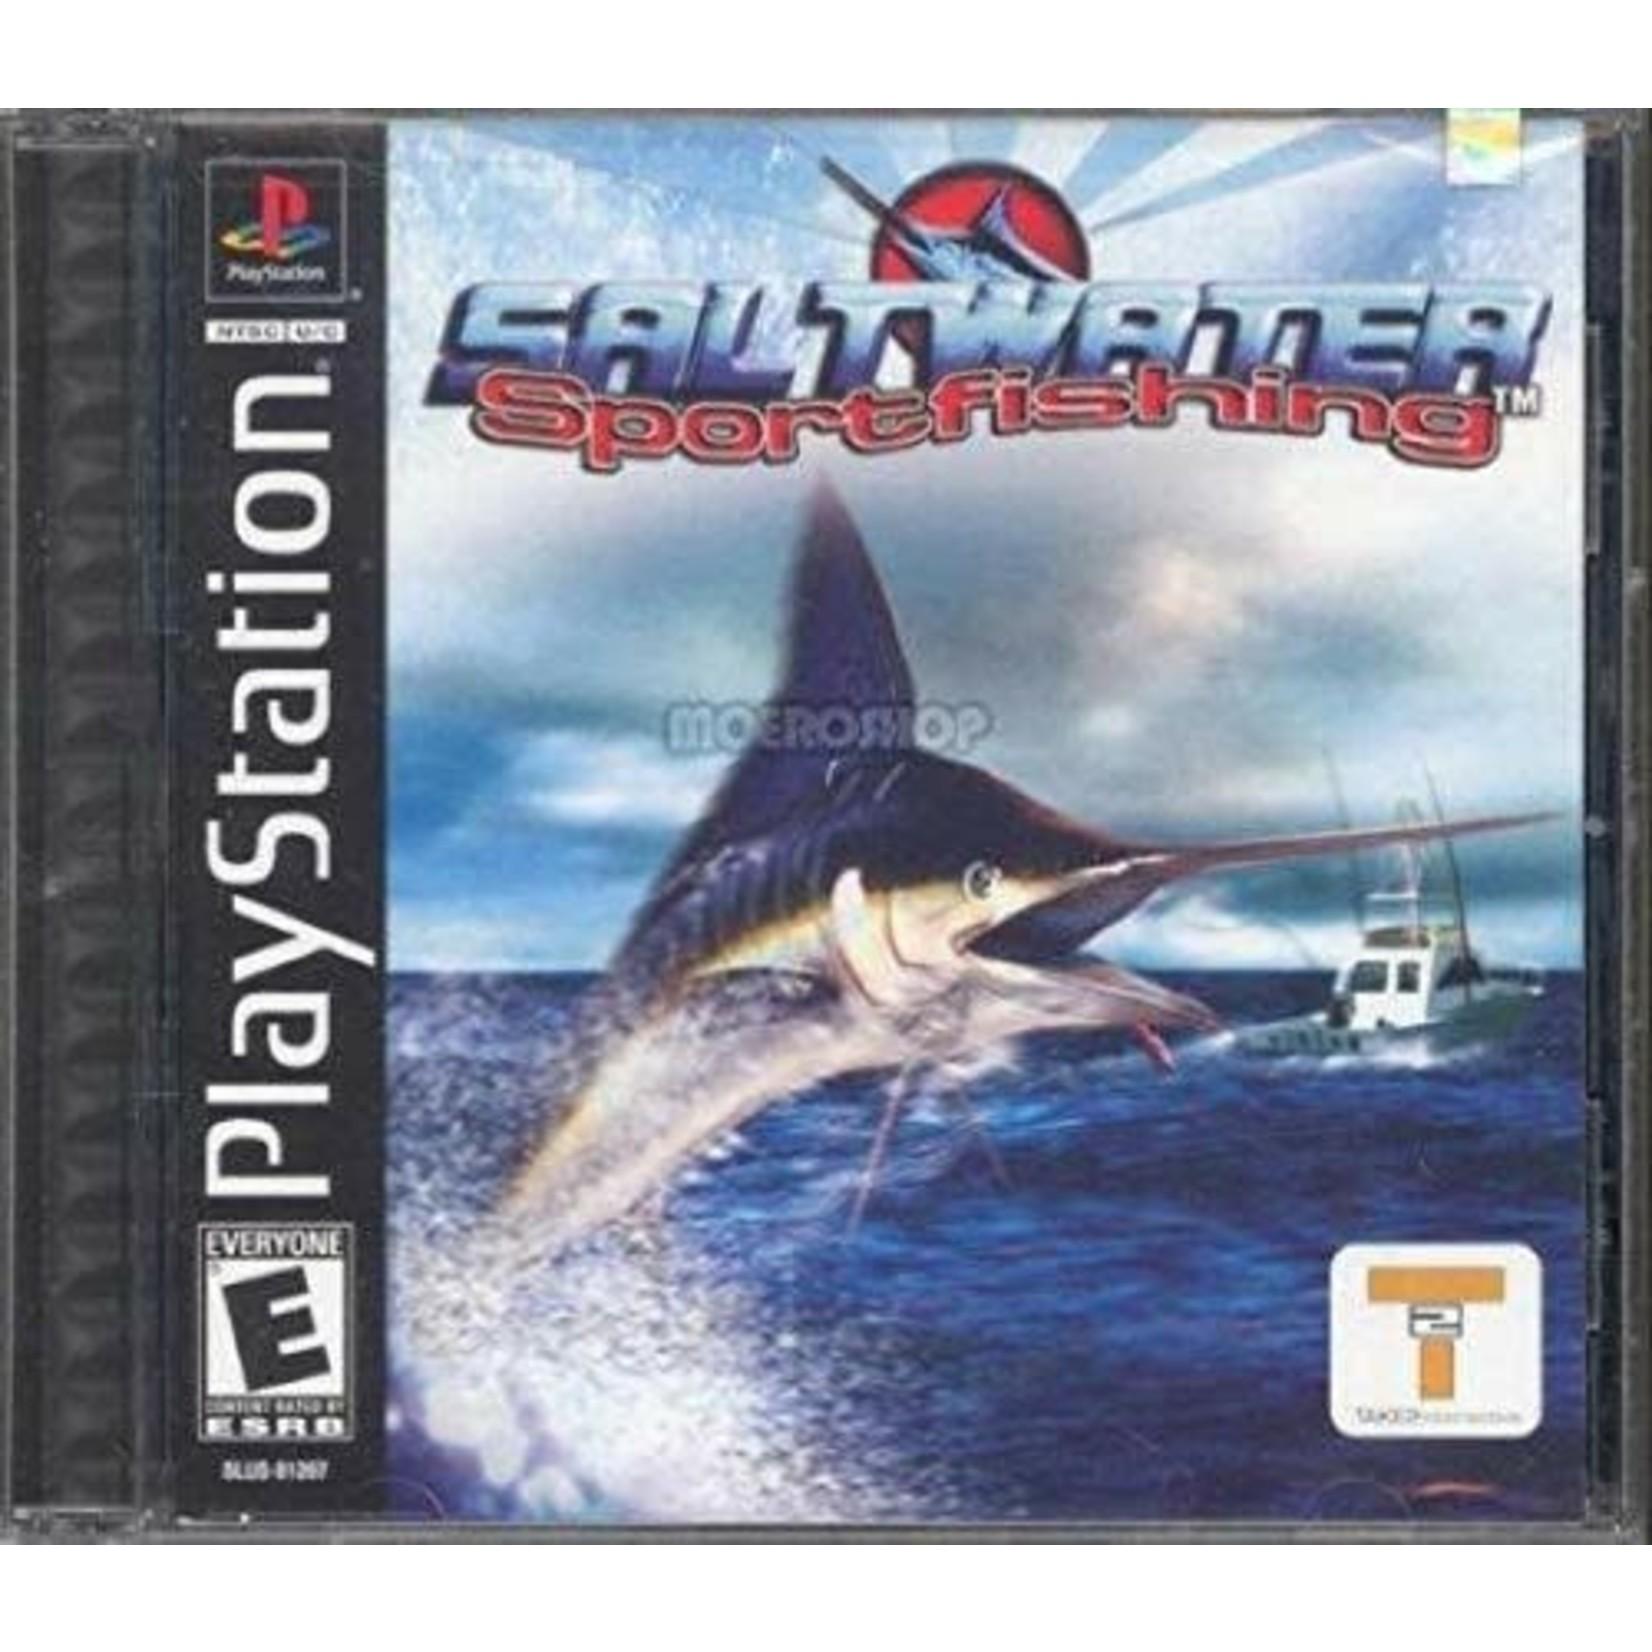 PS1U-Saltwater Sport Fishing